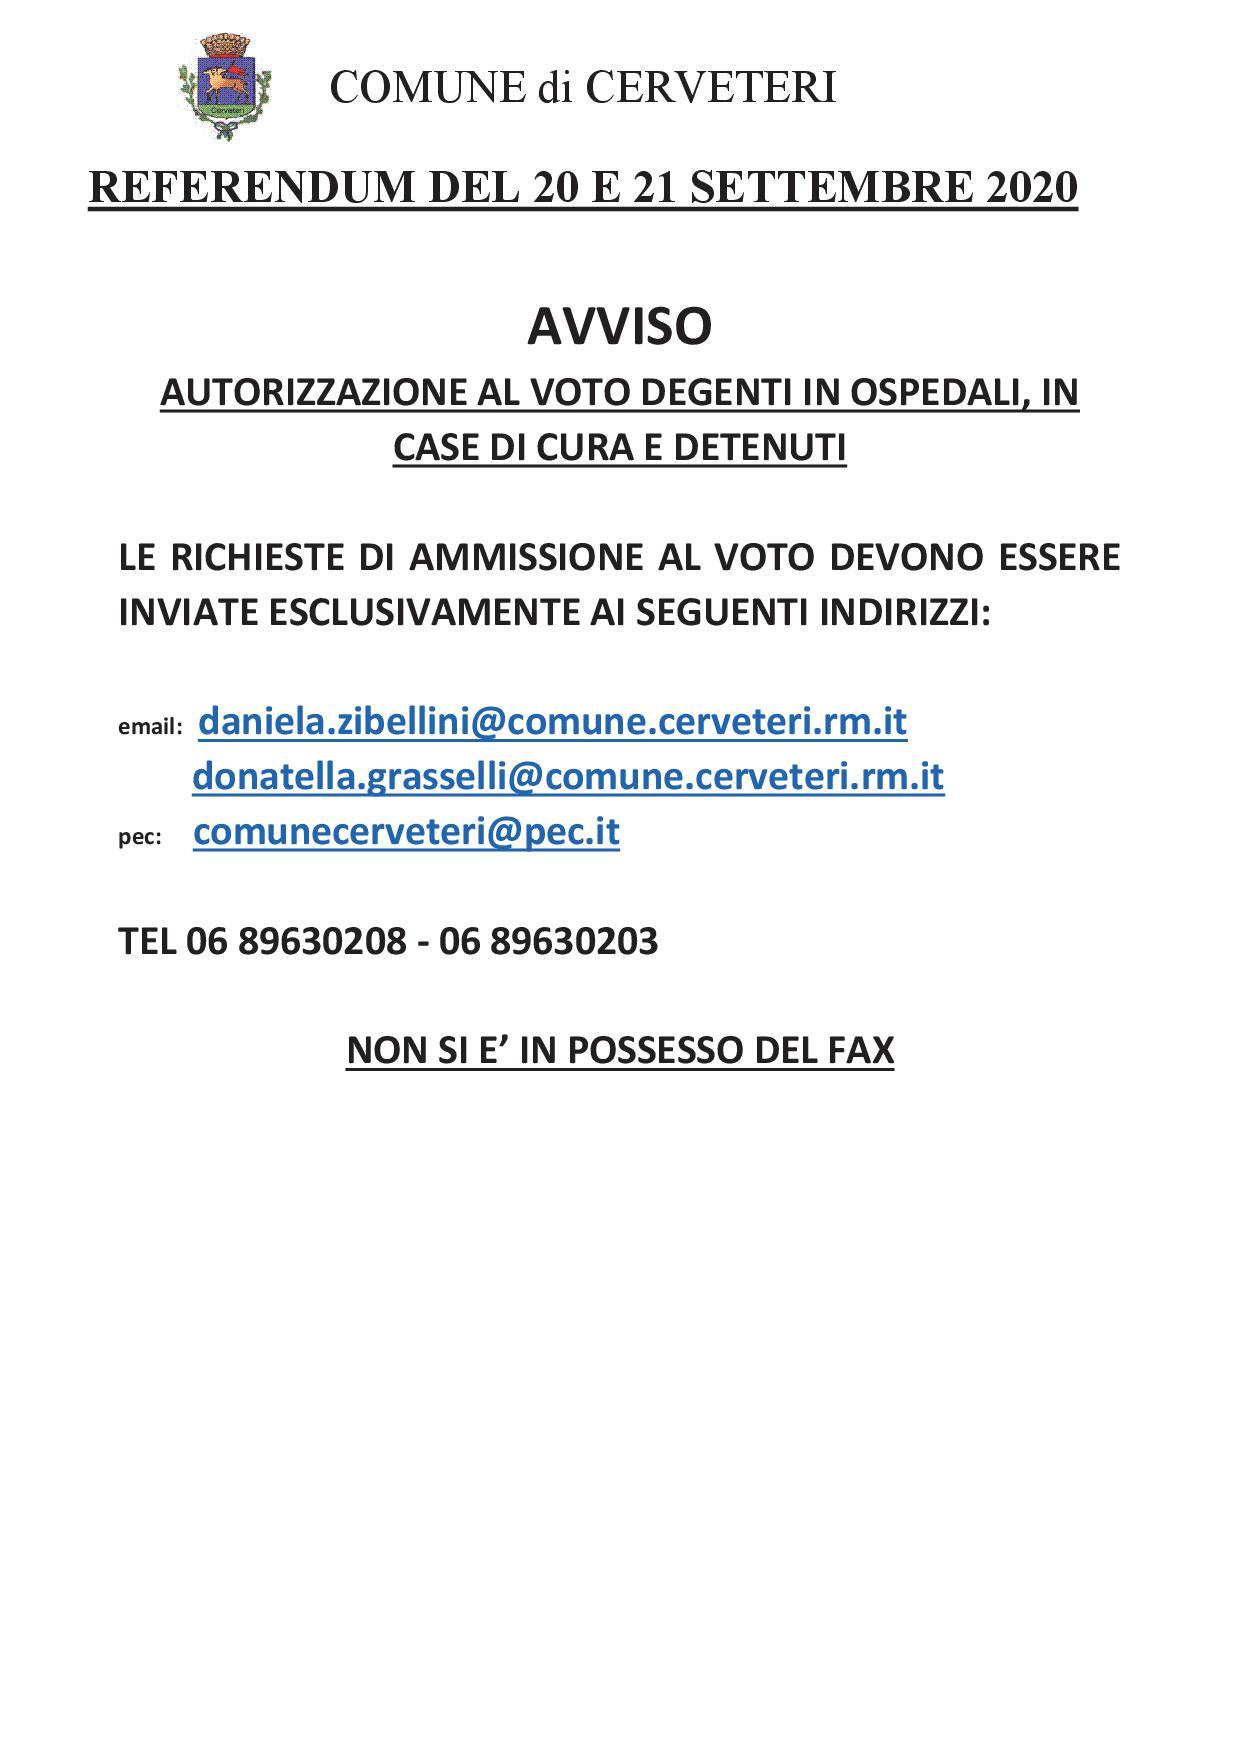 REFERENDUM COSTITUZIONALE DEL 20 E 21 SETTEMBRE  - AVVISO